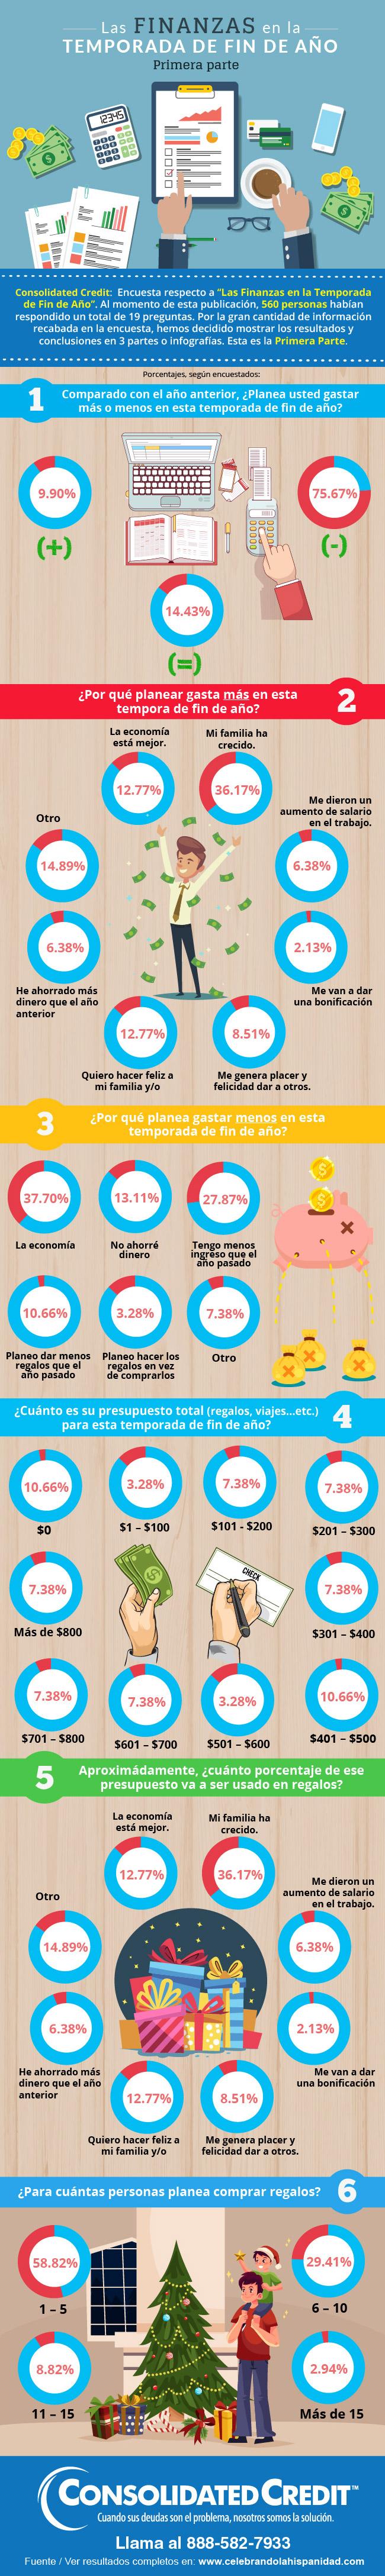 infografia-las-finanzas-en-la-temporada-de-fin-de-año-parte-1